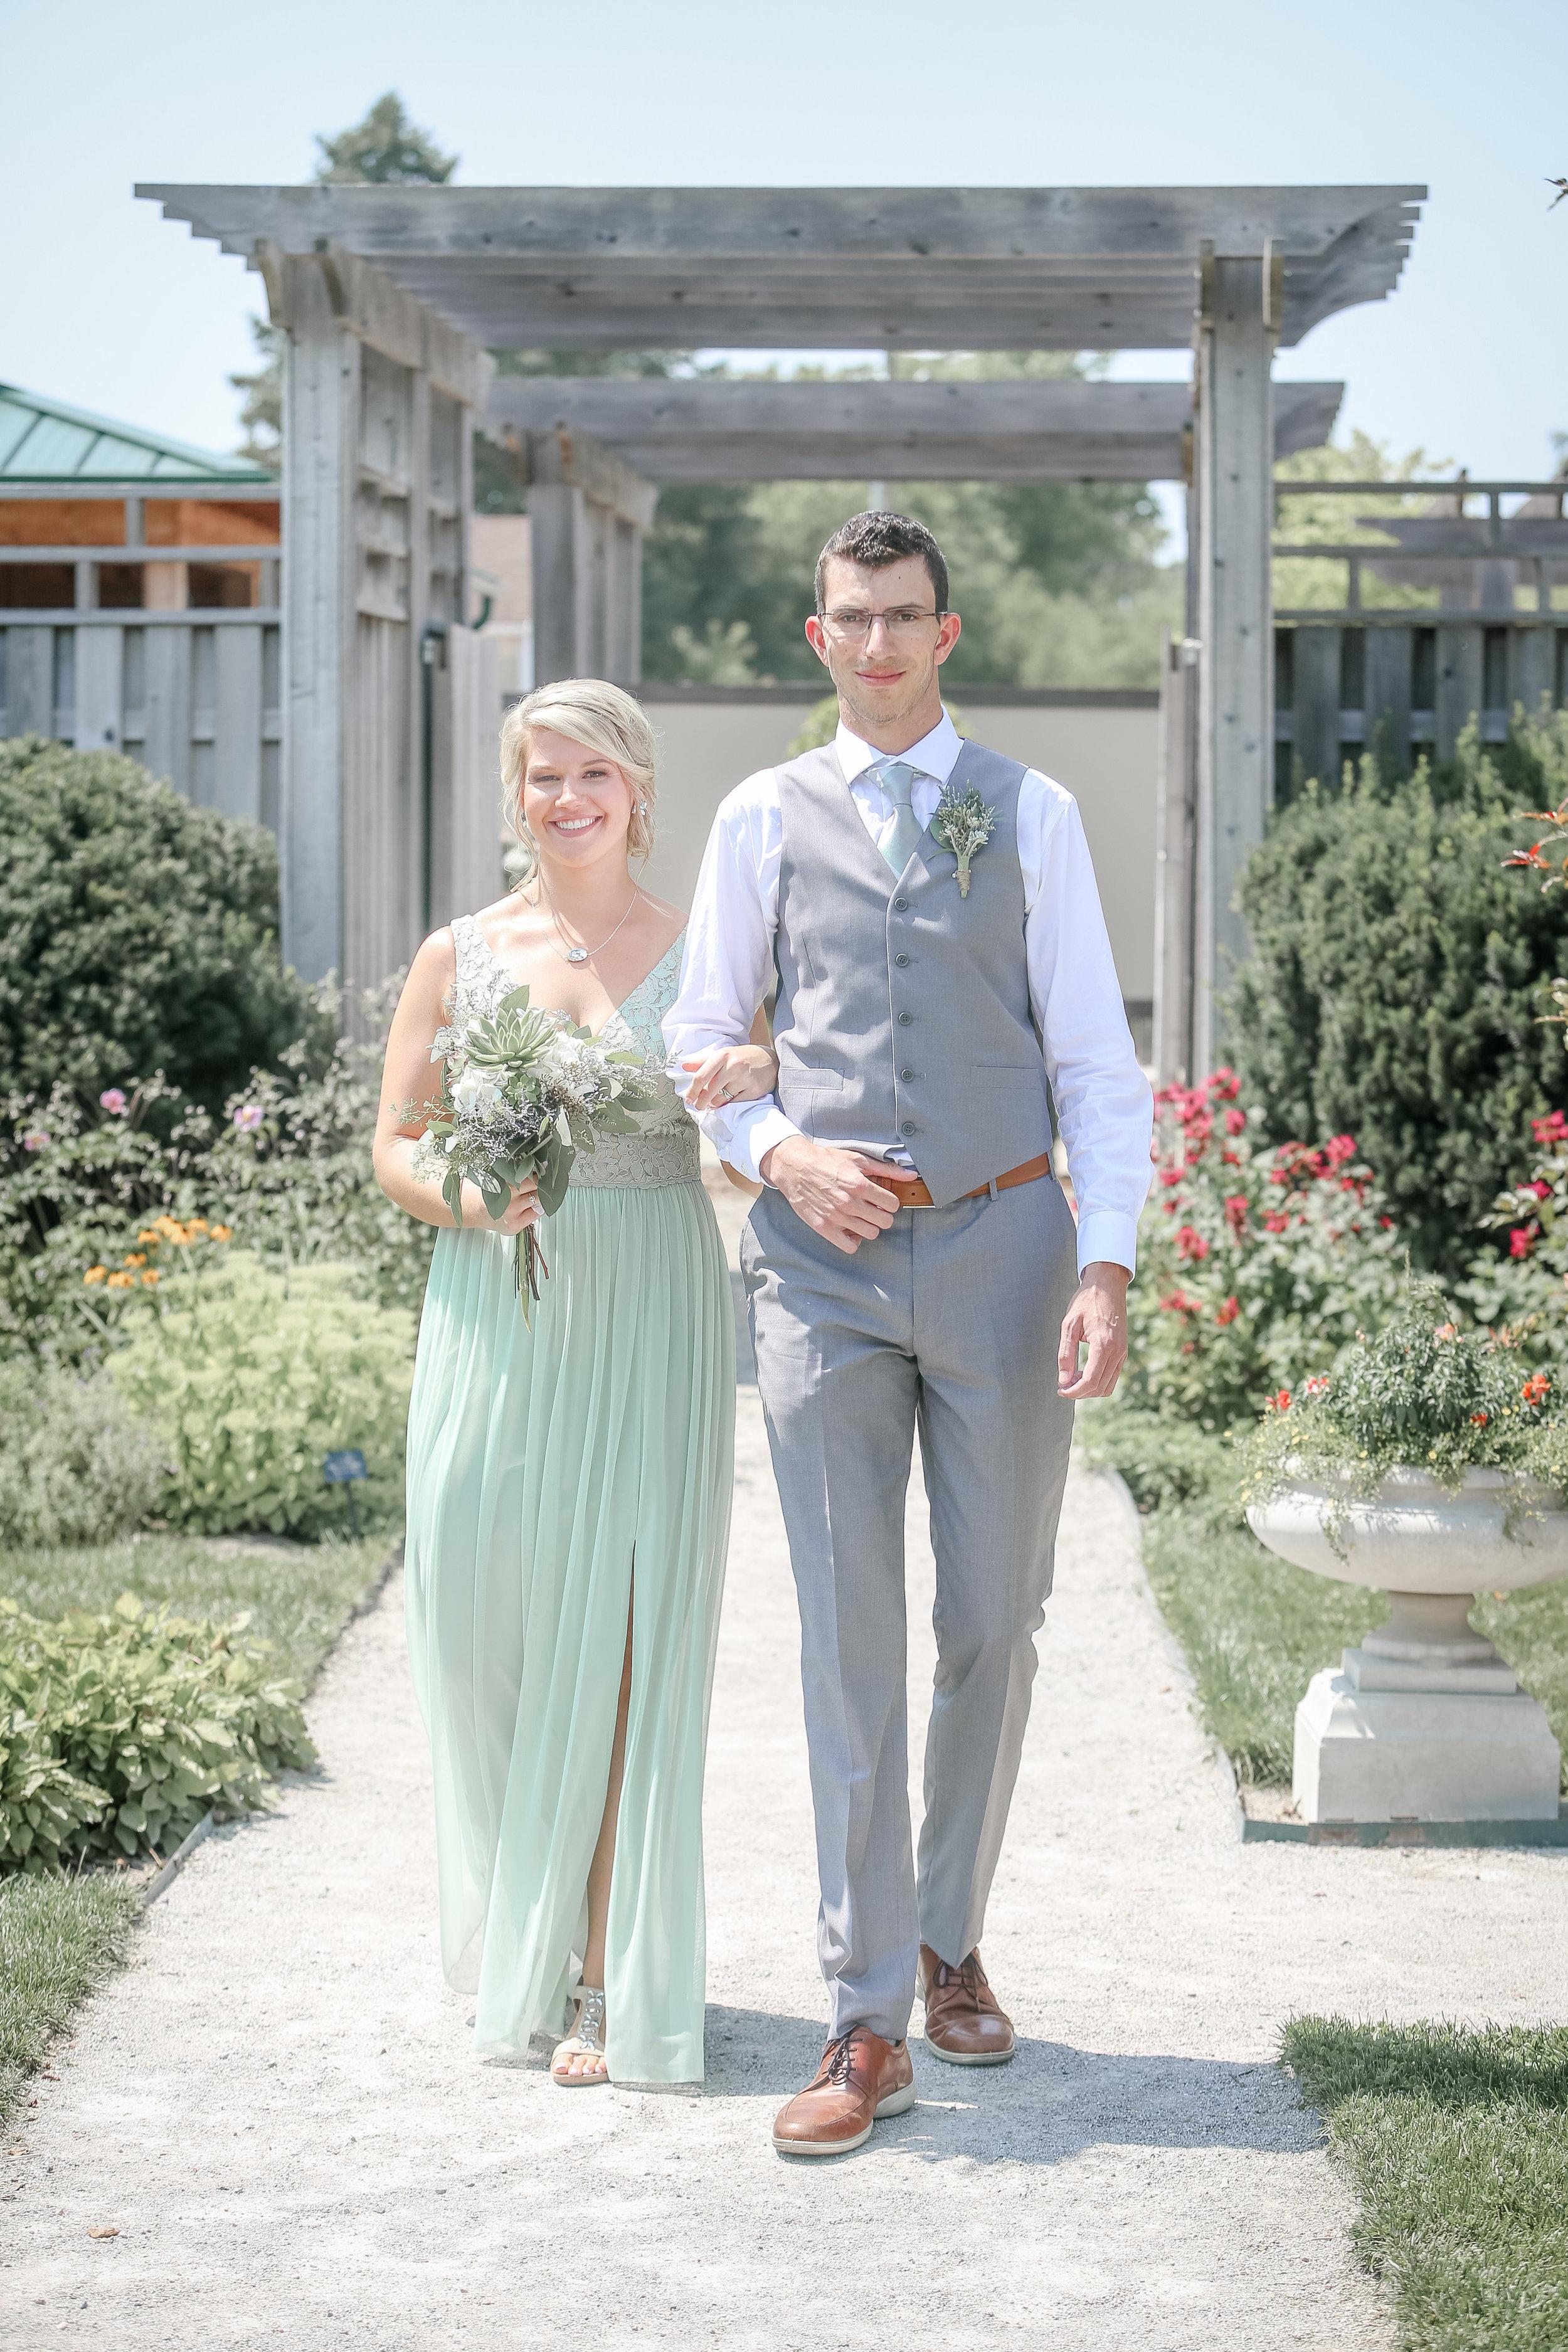 C_Wedding_Sarver, Alyssa & Scott_FOR BLOG-71.JPG